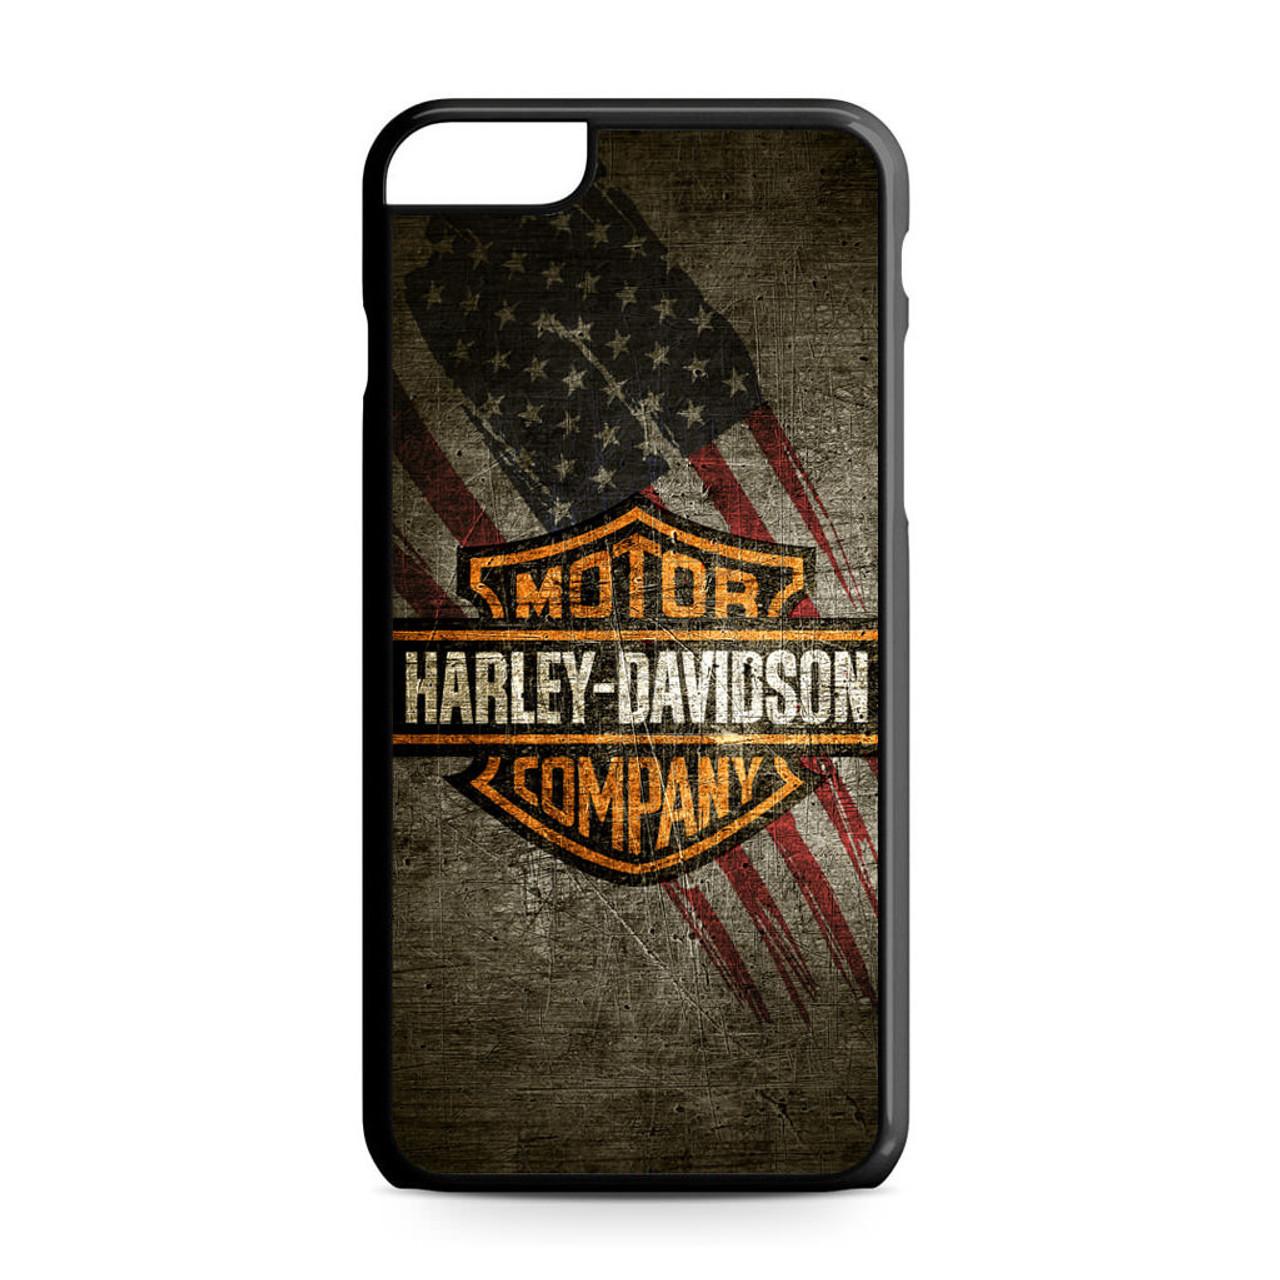 wholesale dealer 2b209 d49bc HD Harley Davidson iPhone 6 Plus/6S Plus Case